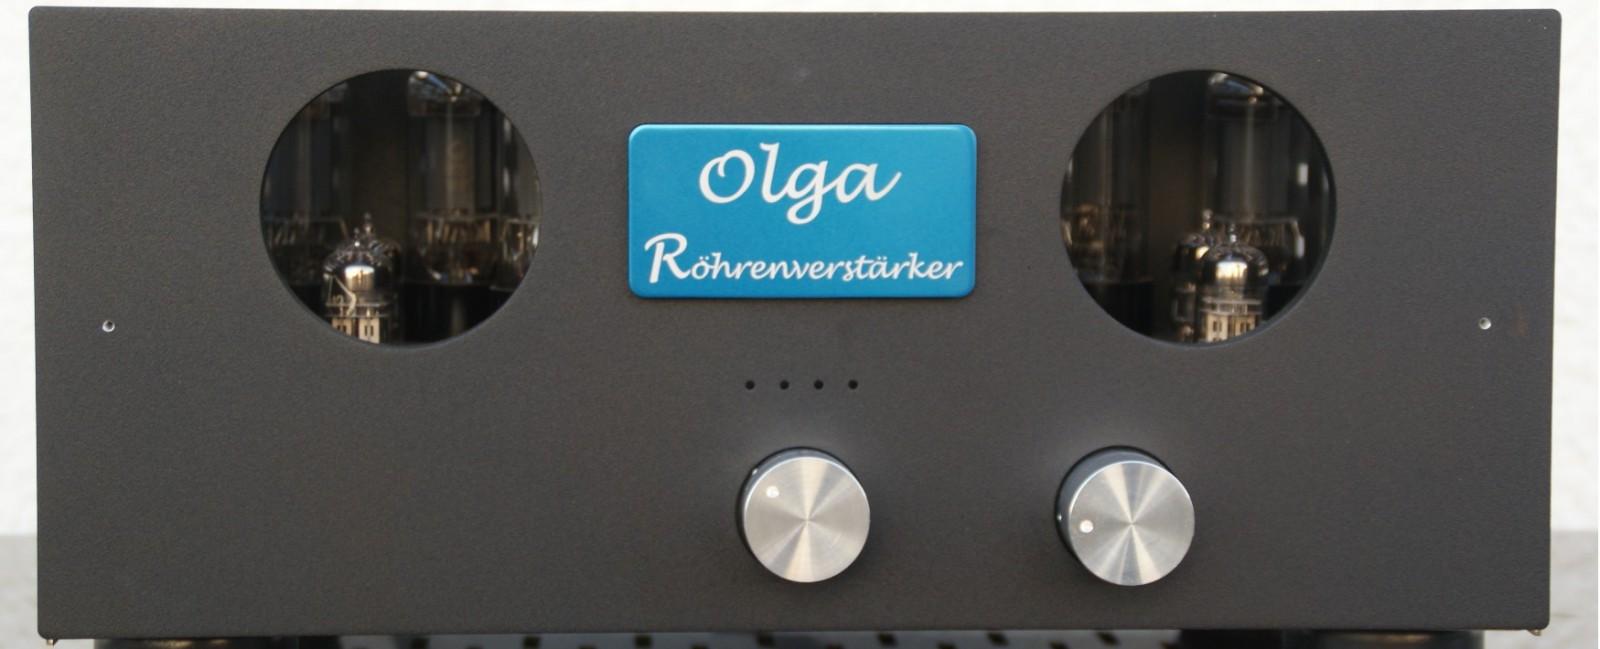 Olga Röhrenverstärker